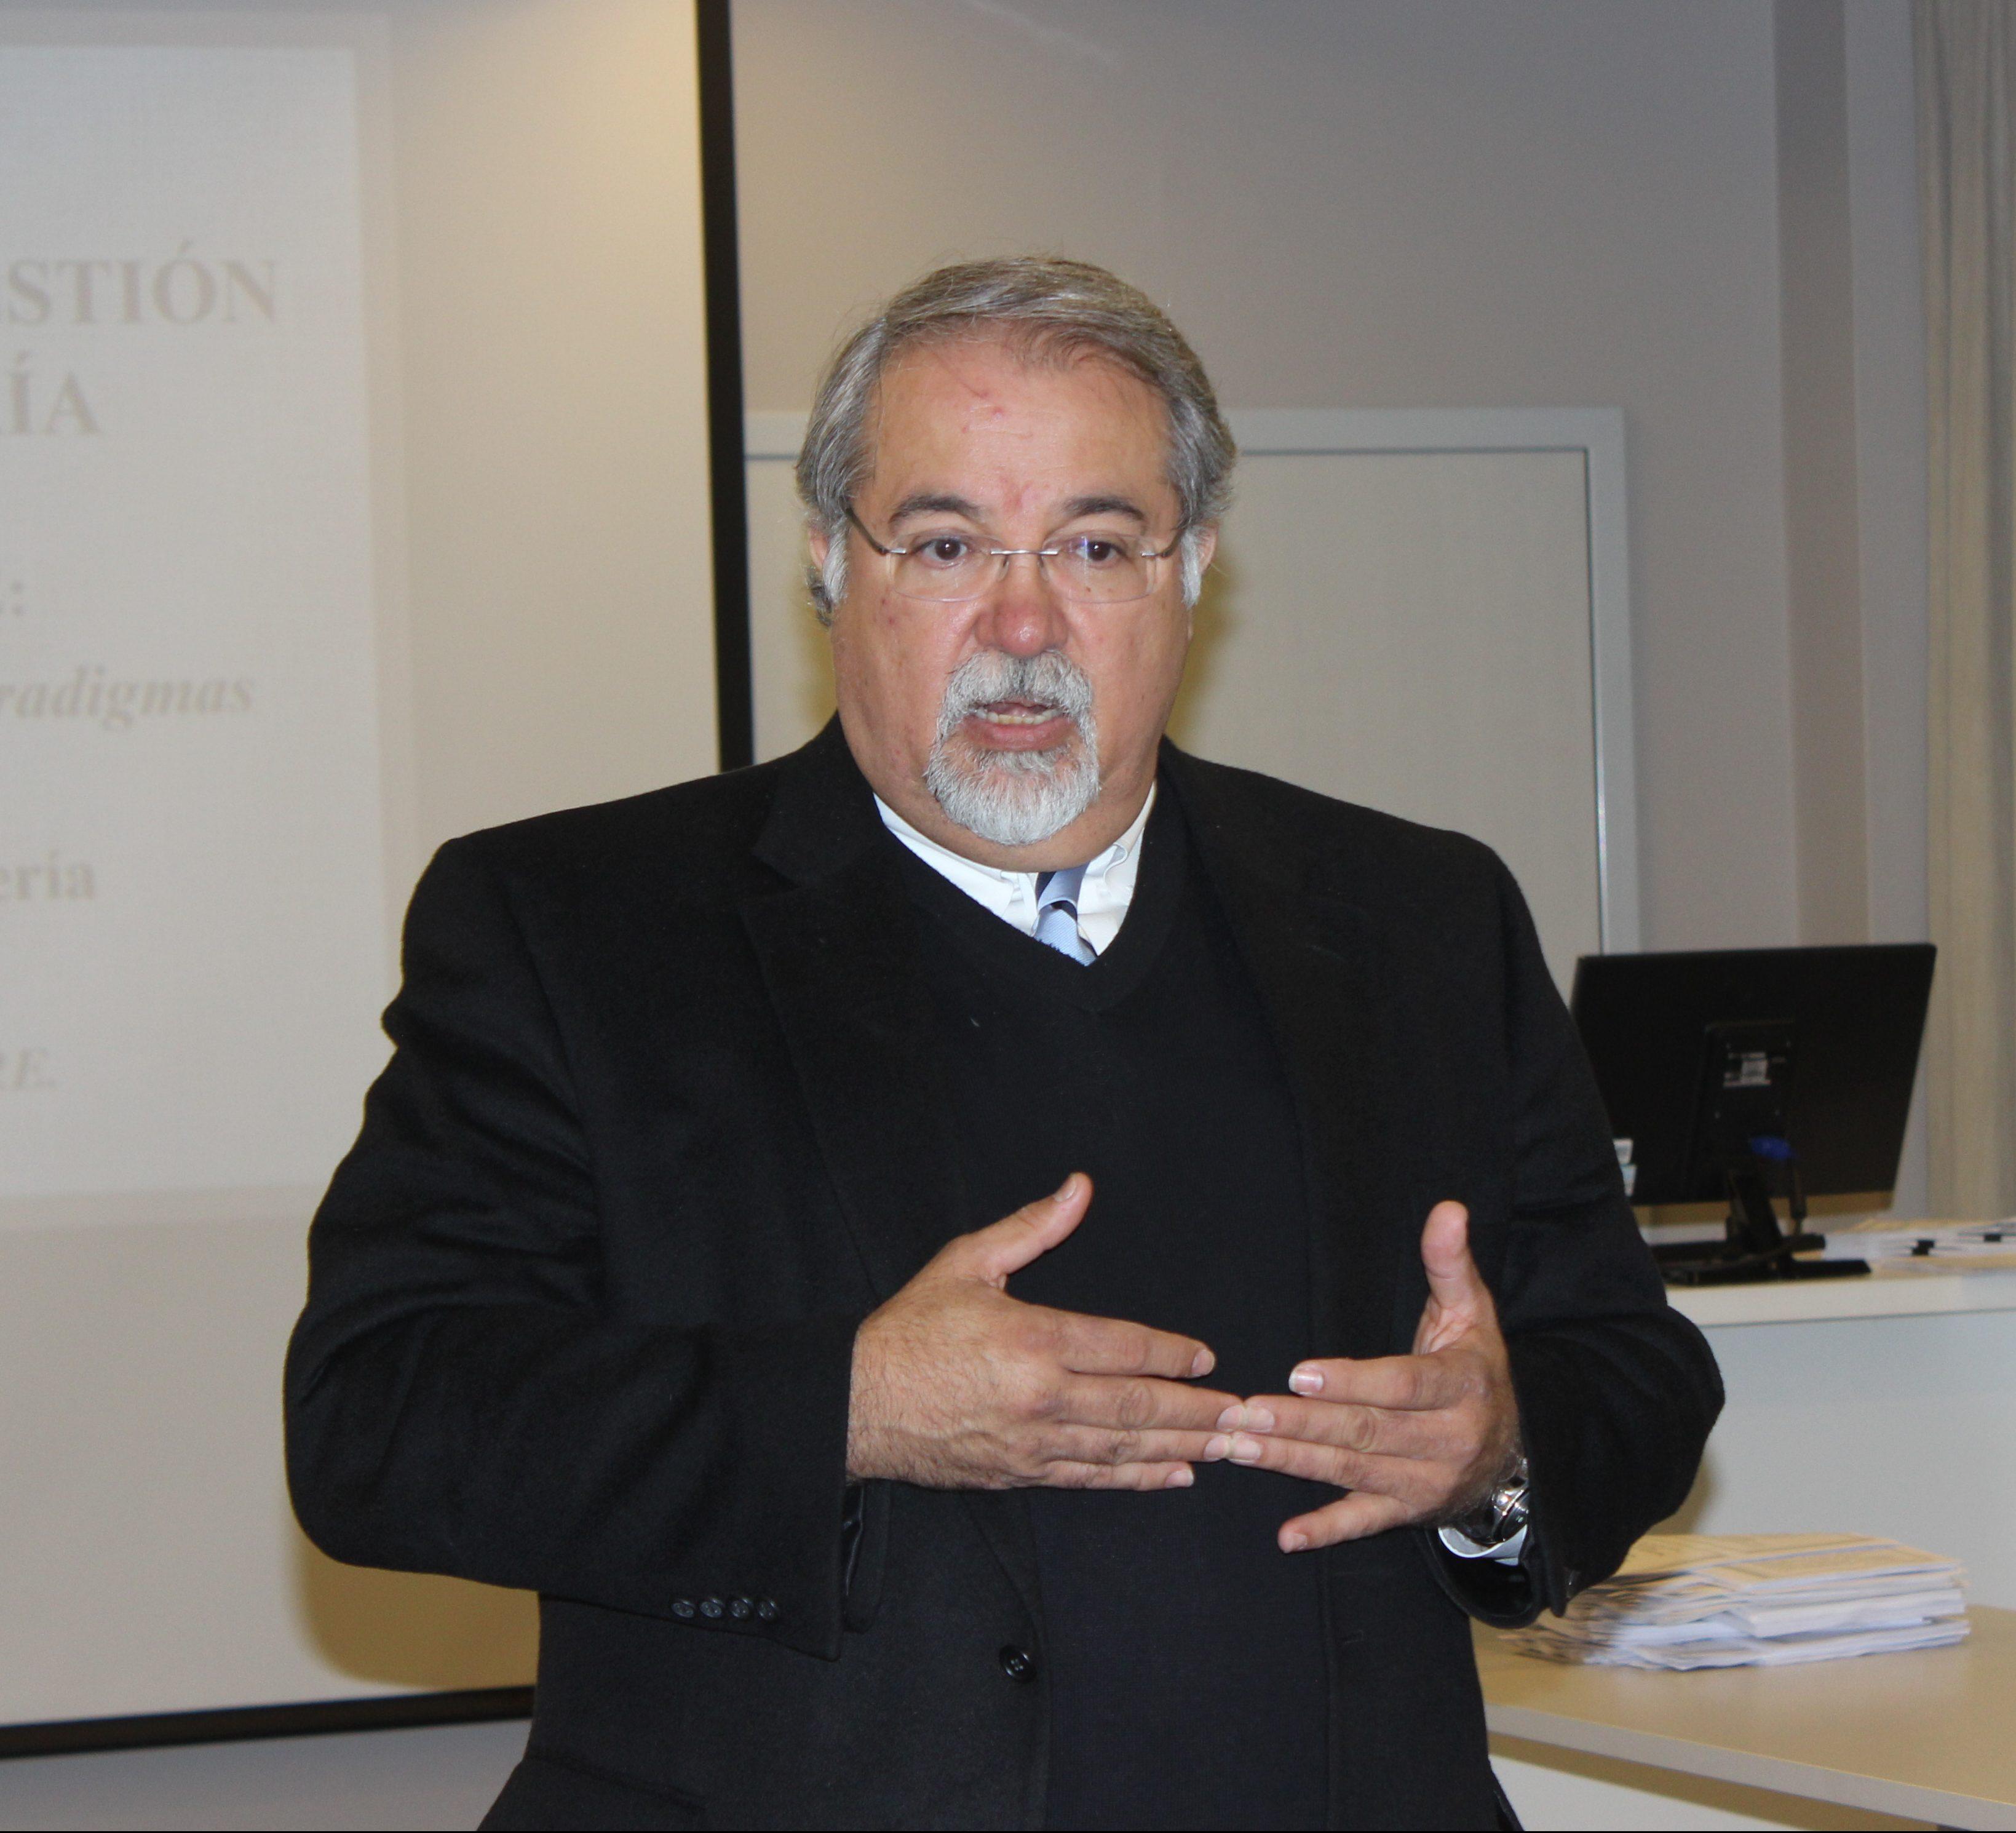 Alumnos del MBA gestionan modelos de negocios de la mano del Dr. Beruvides